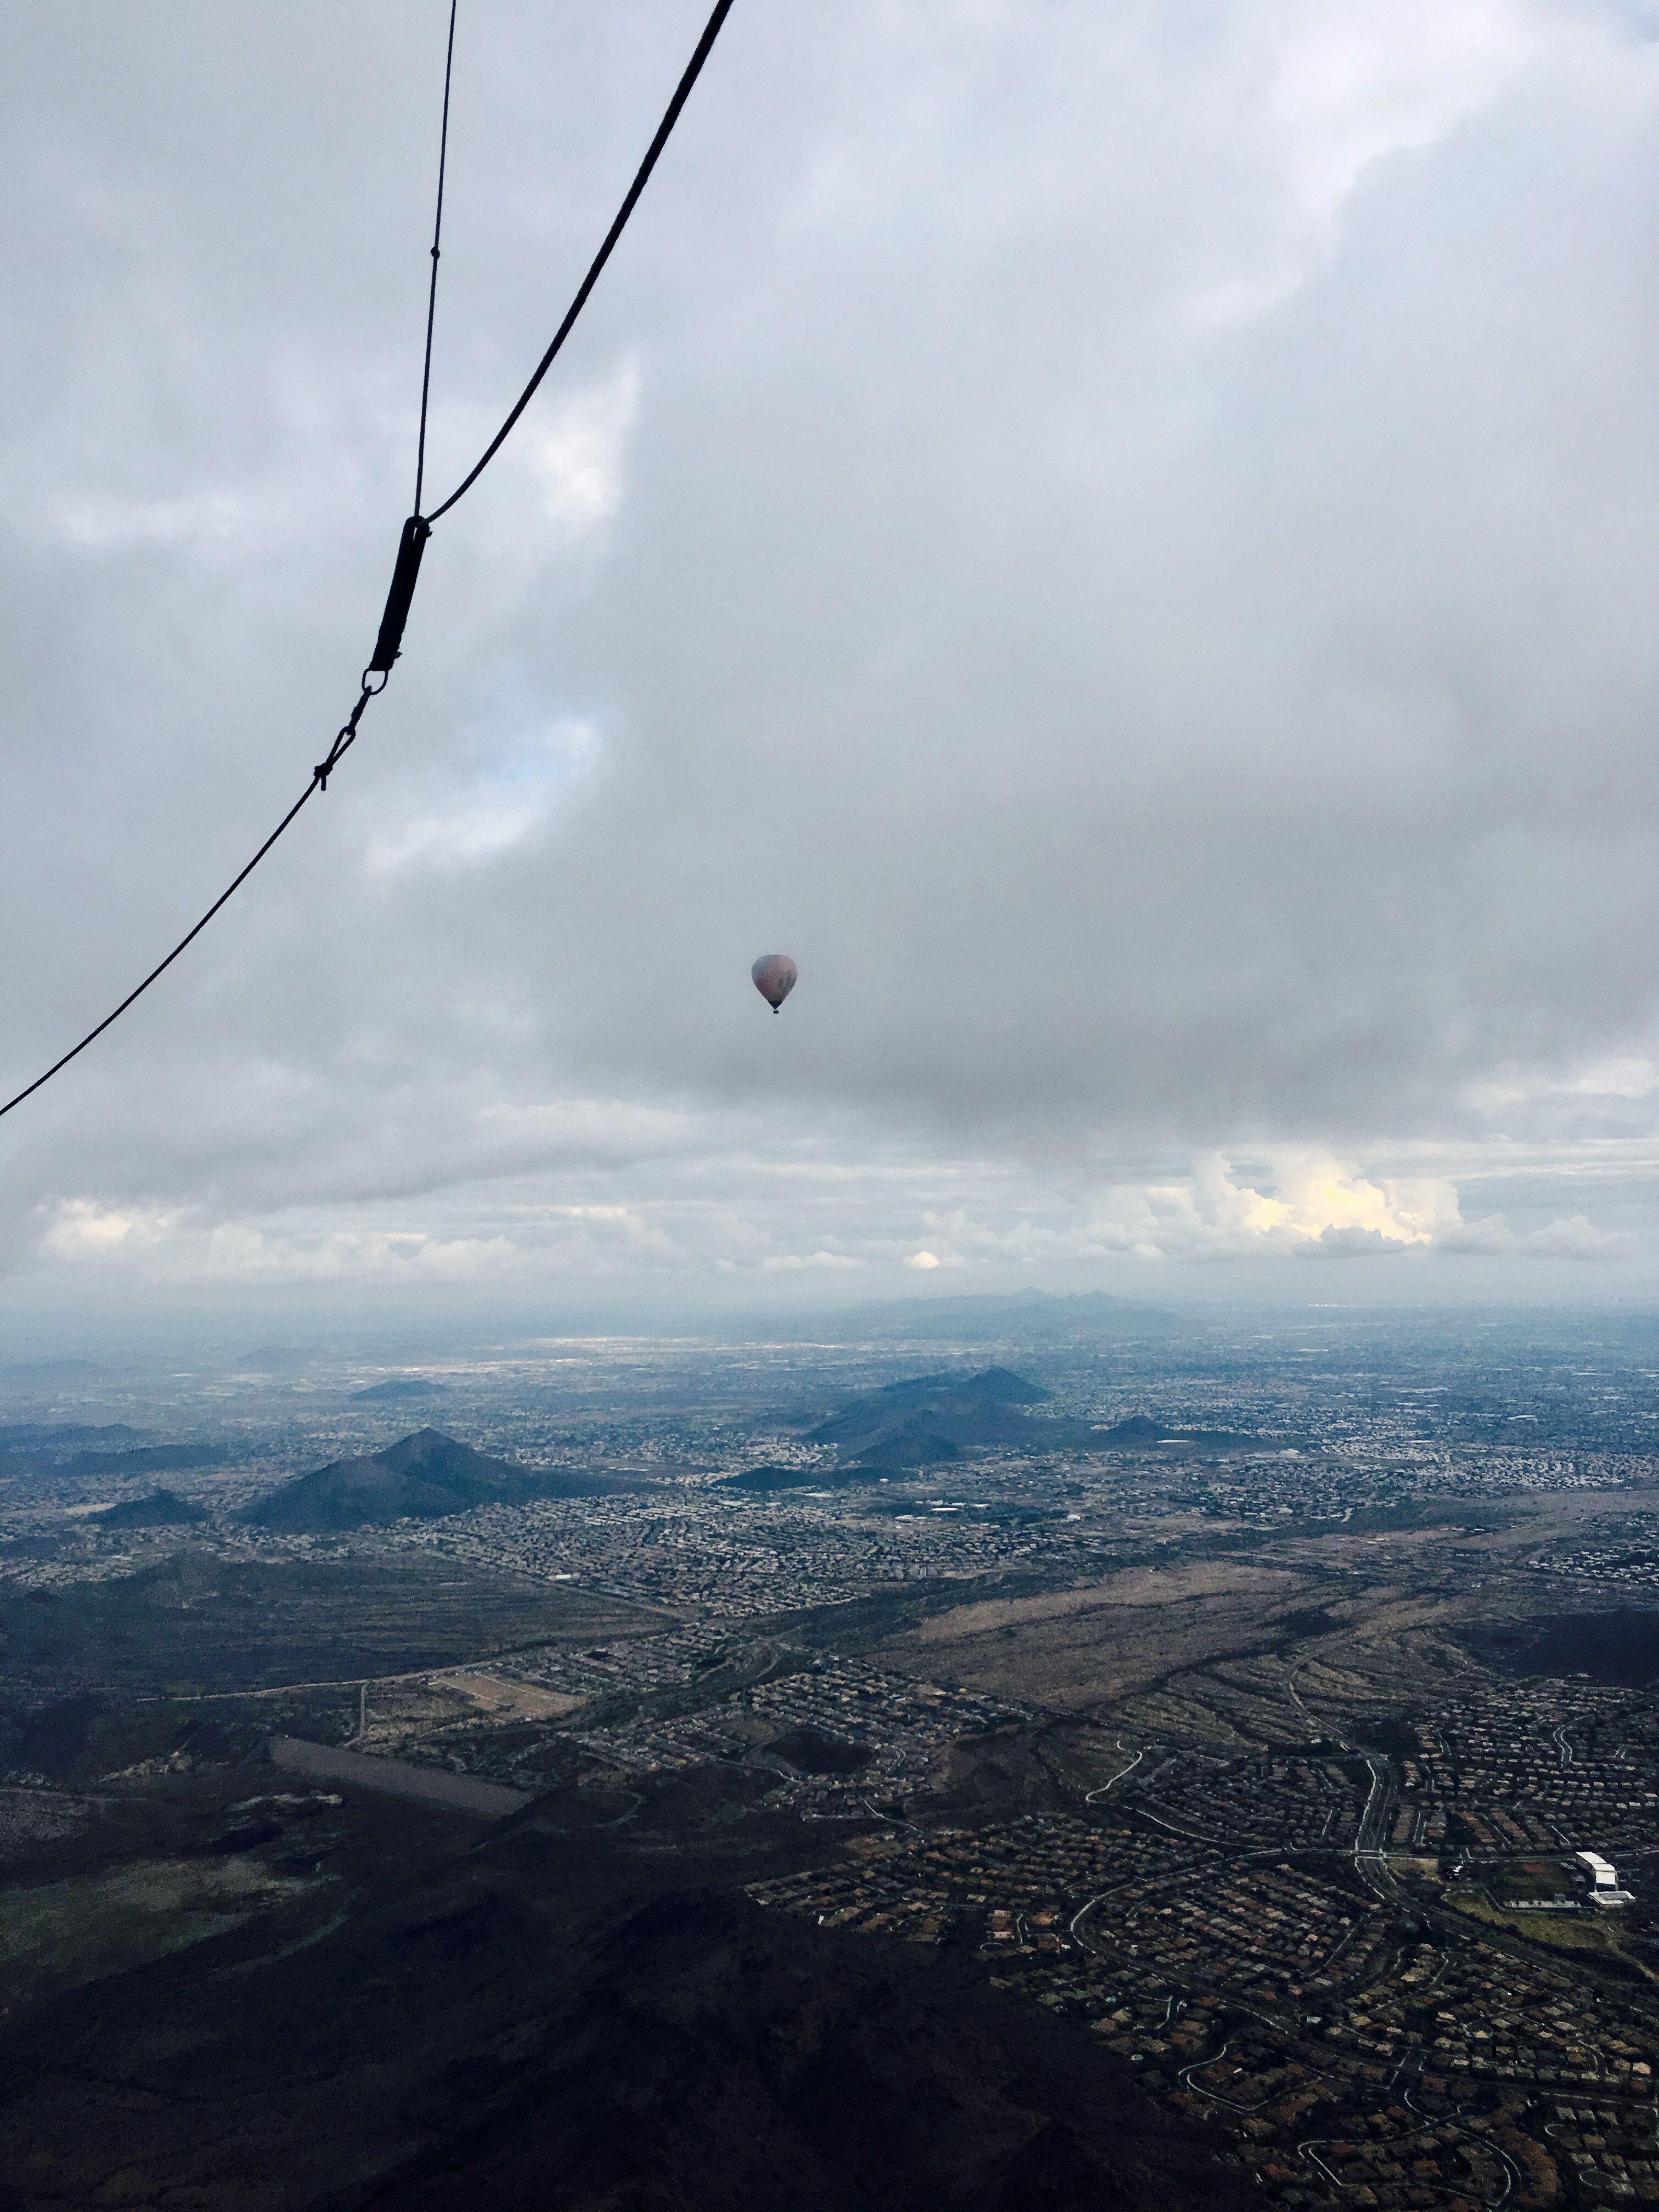 Hot Air Balloon Ride Over Phoenix! A Must In AZ Air